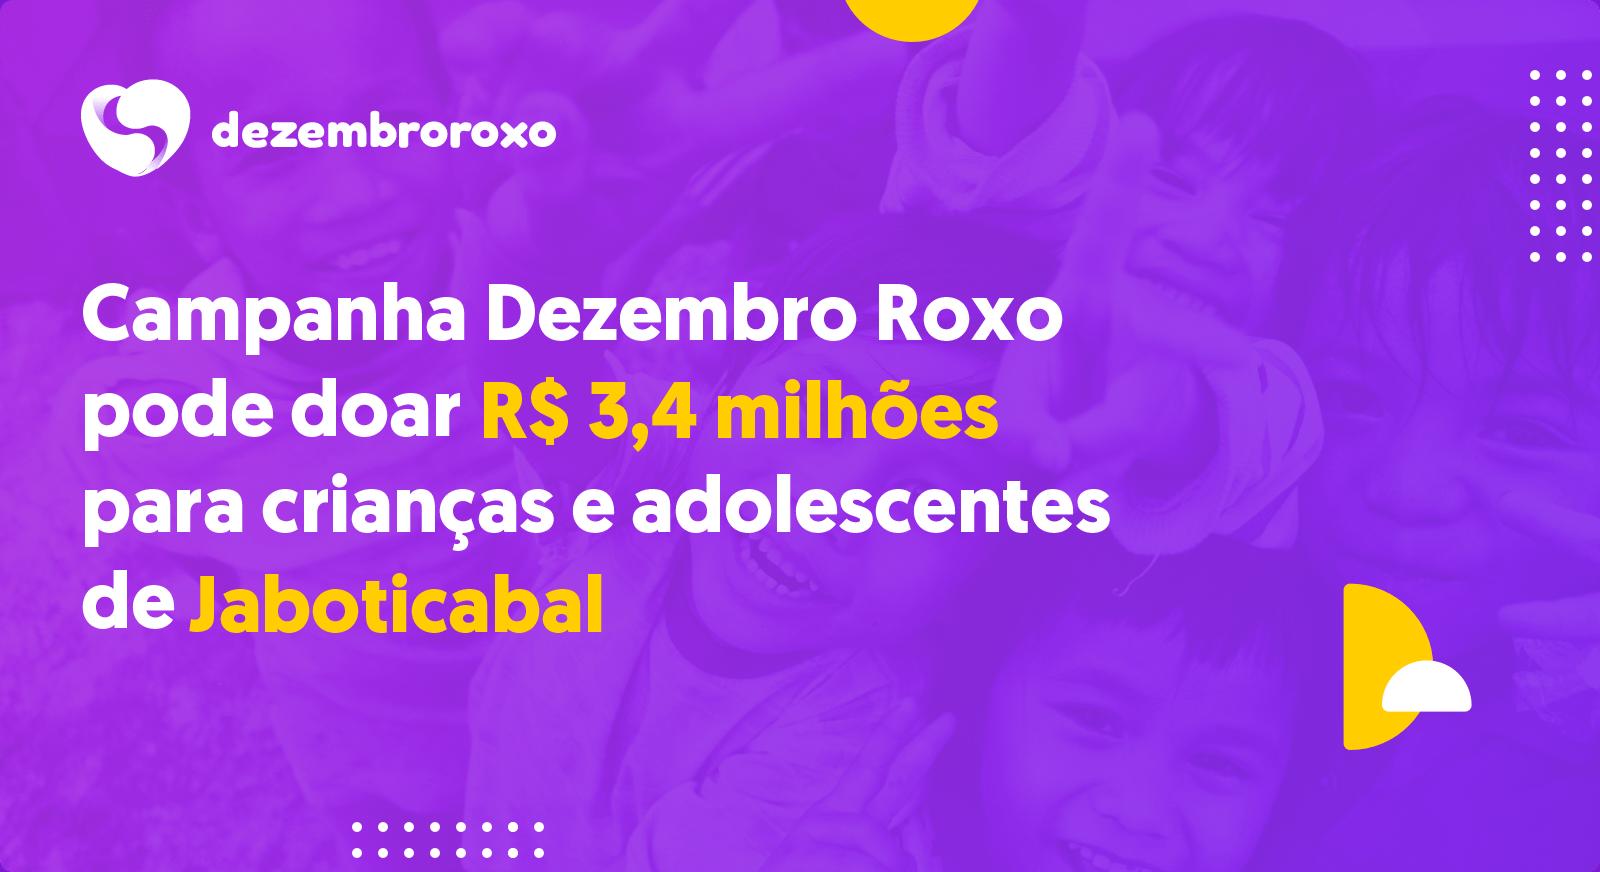 Doações em Jaboticabal - SP